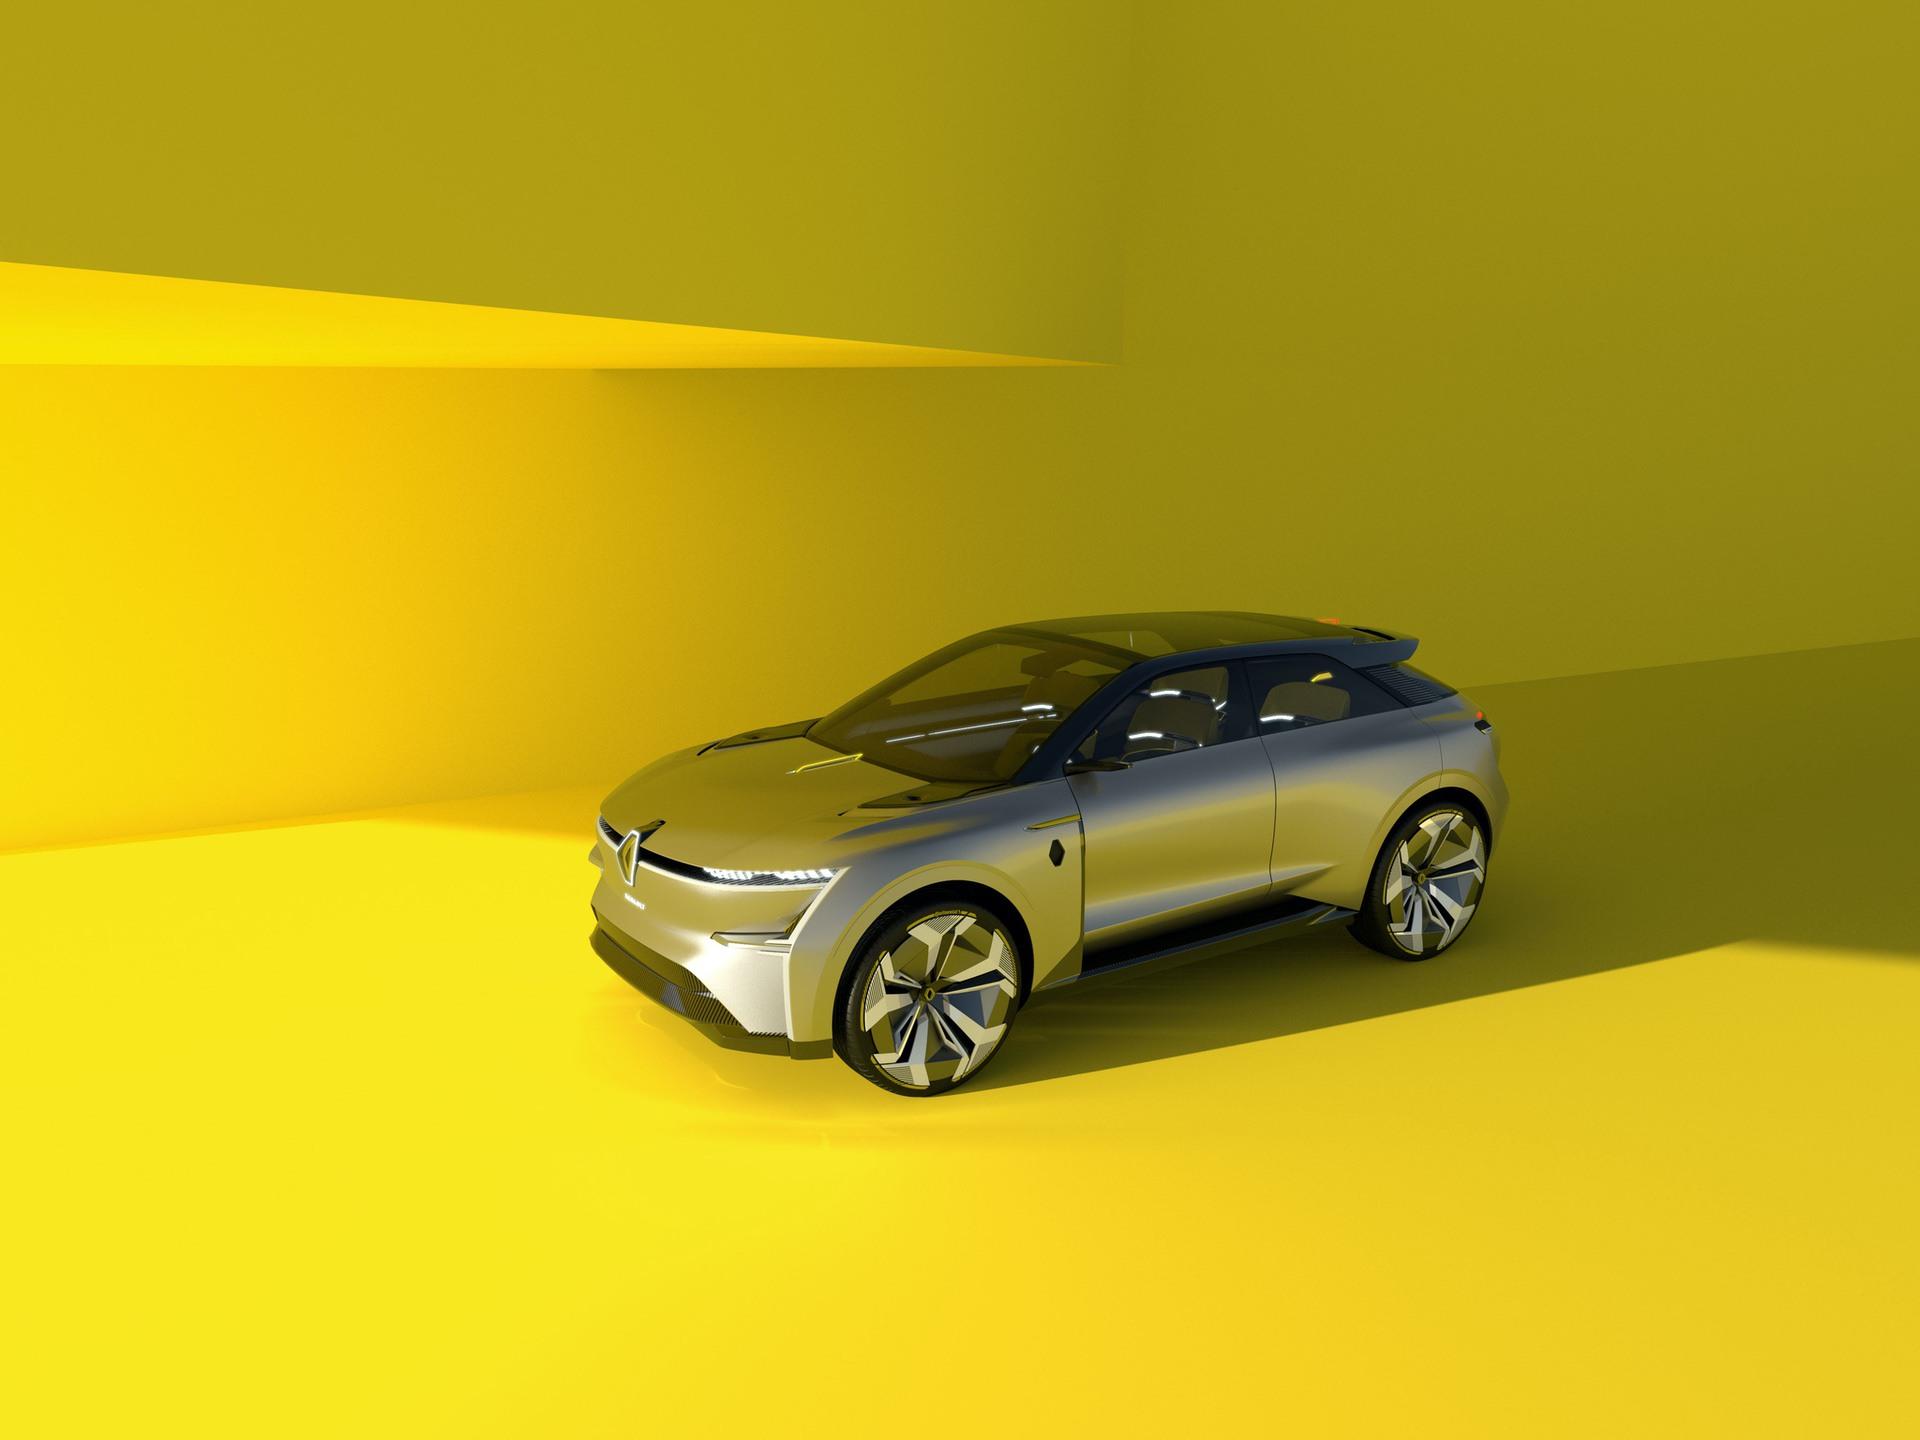 Renault_Morphoz_concept_0010